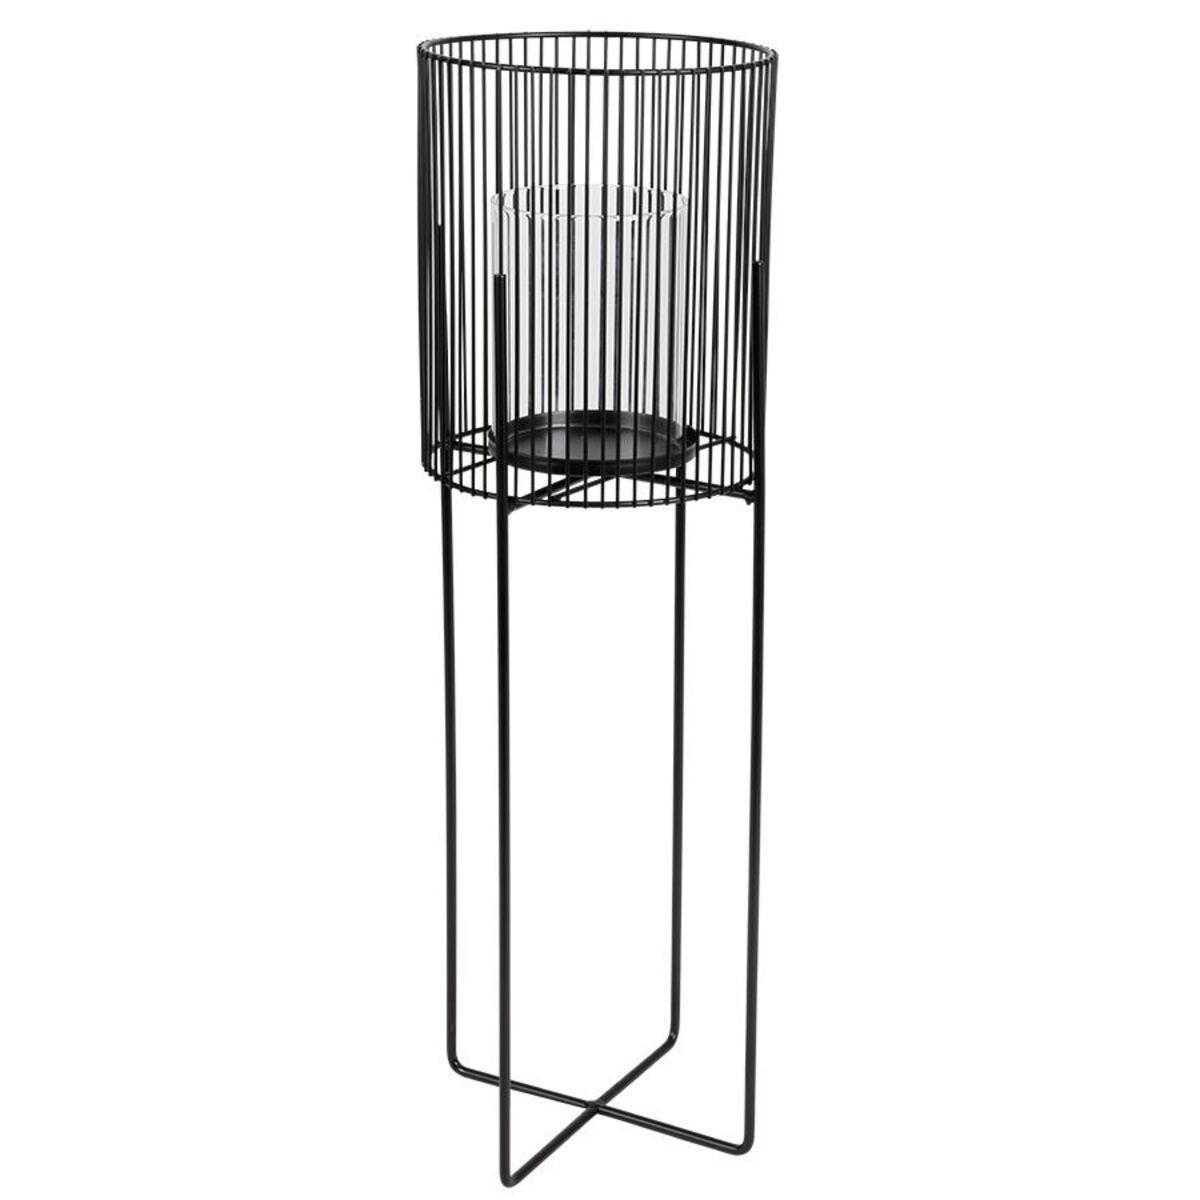 Bild 3 von Metall-Windlicht mit Glaseinsatz 63cm